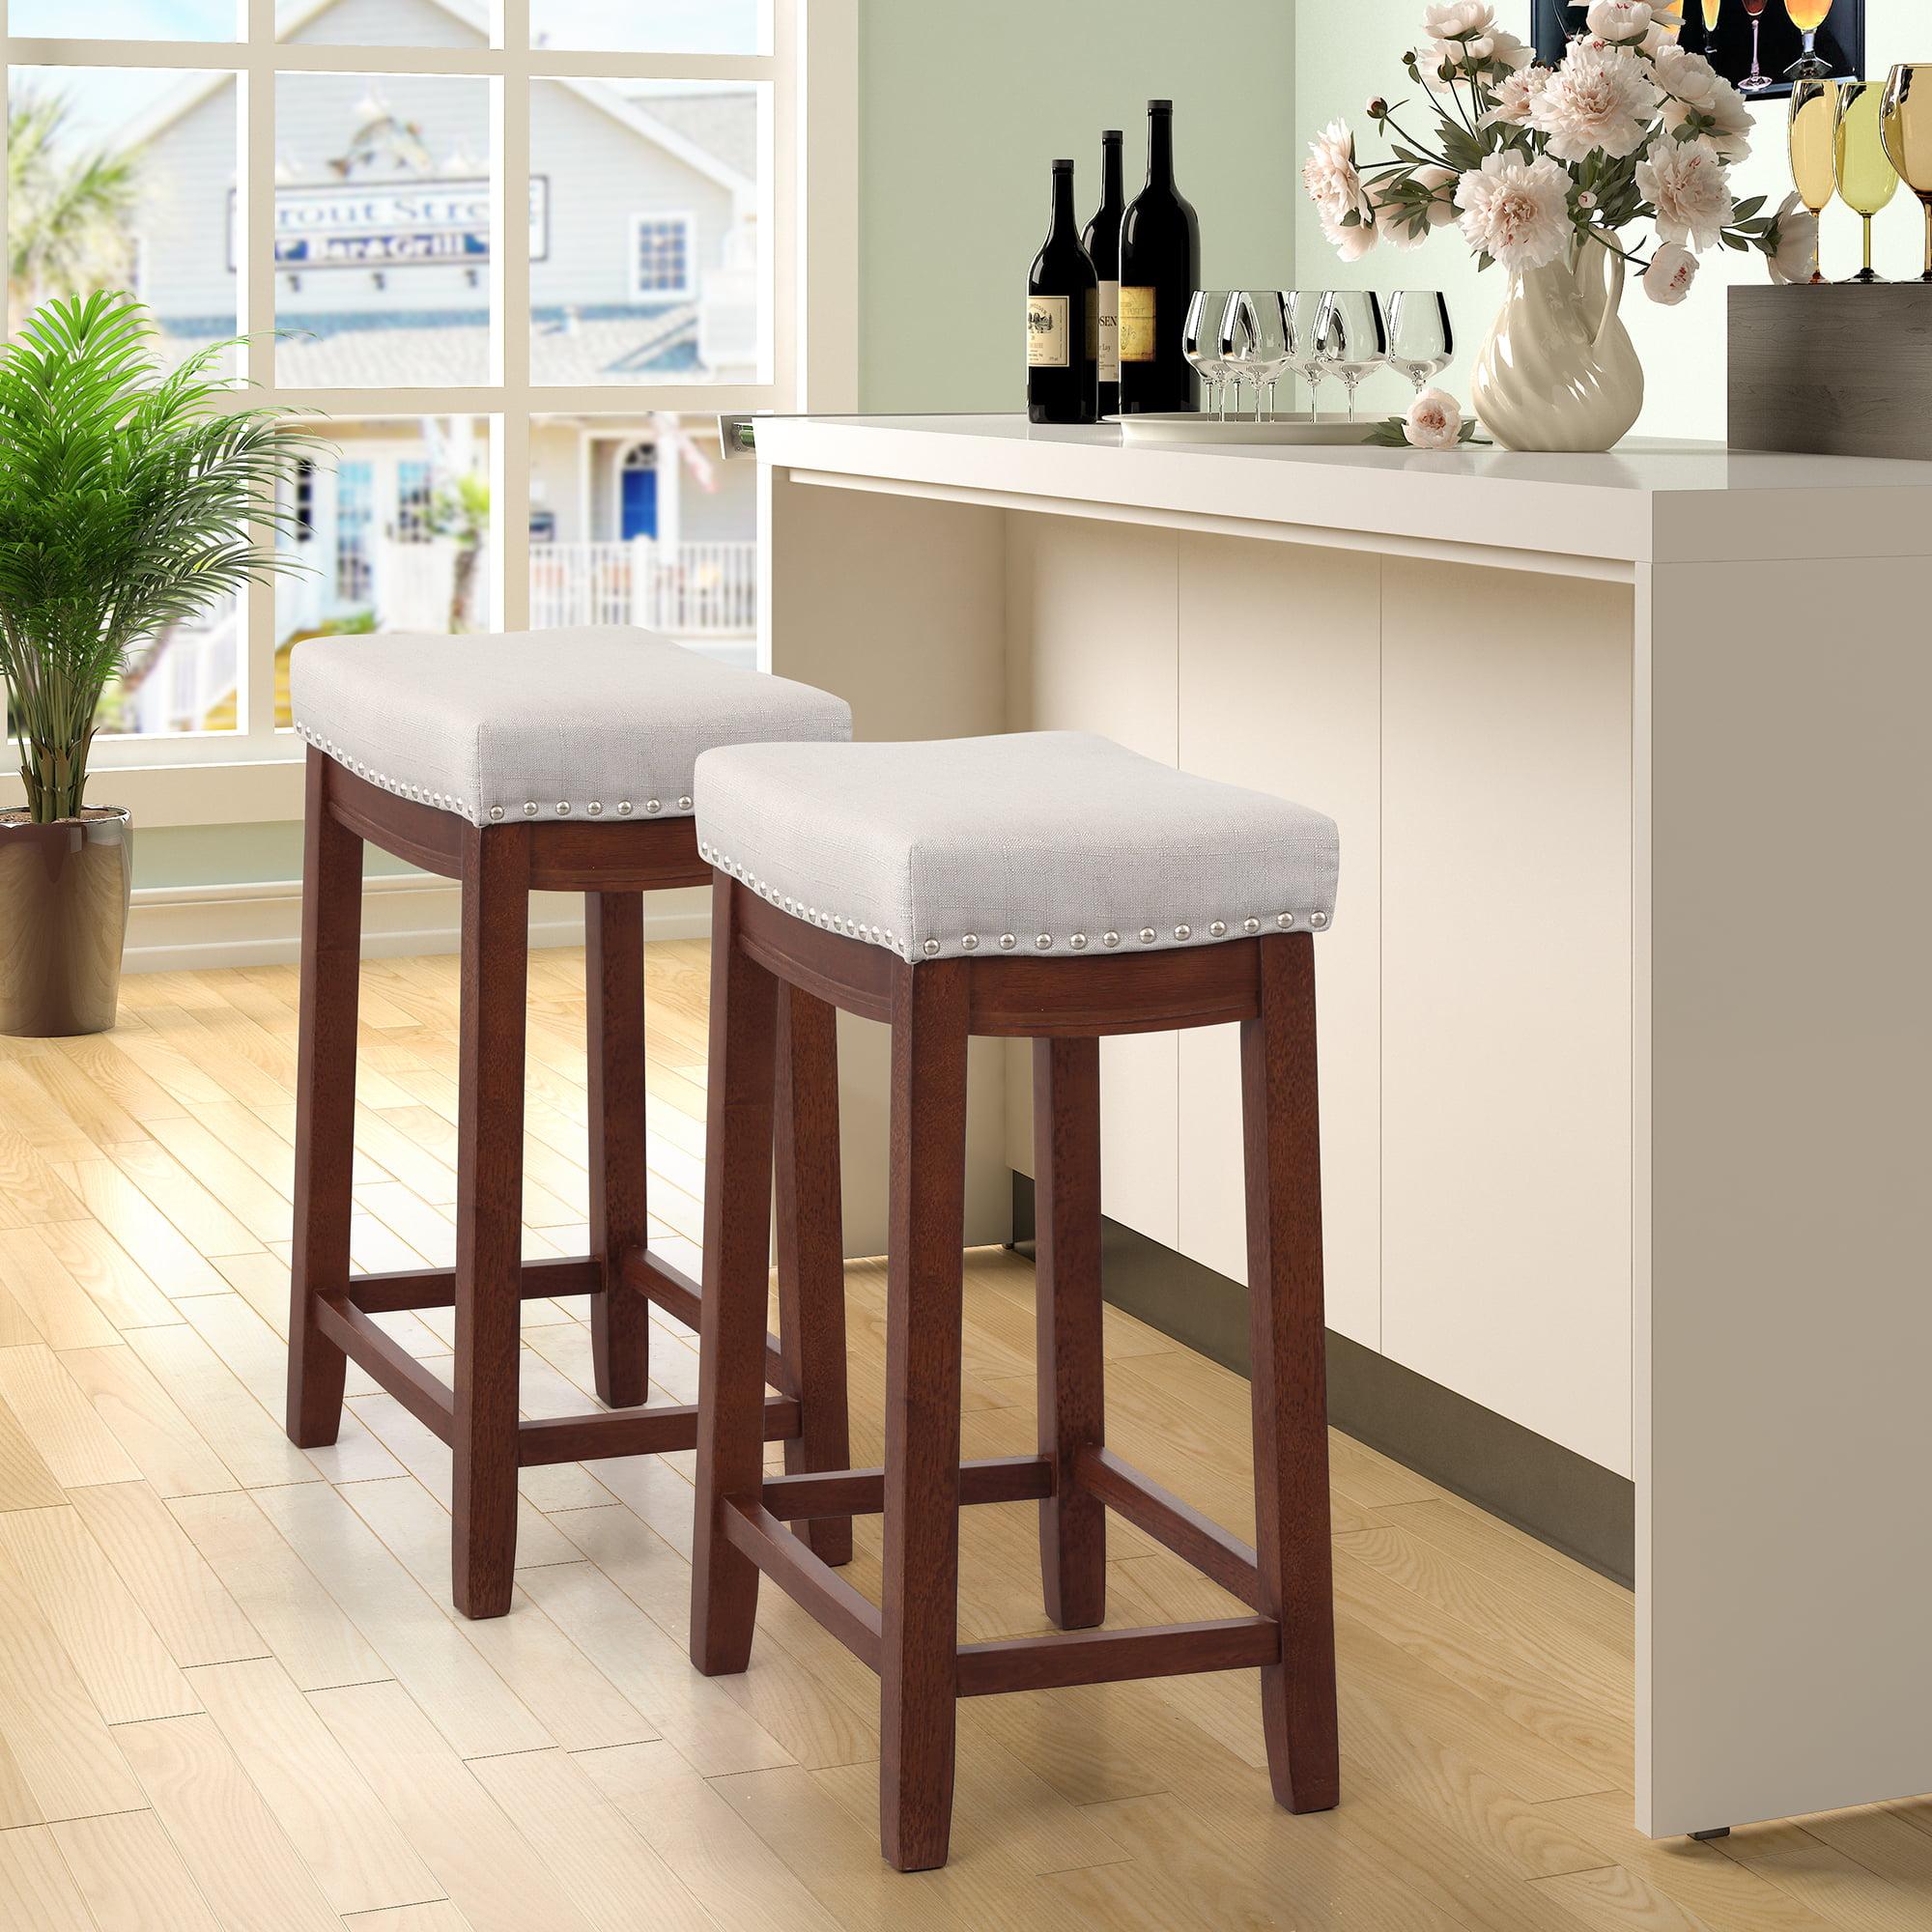 TKOOFN 2pcs 27 inch Seat Height Bar Stool Kitchen Backless ...